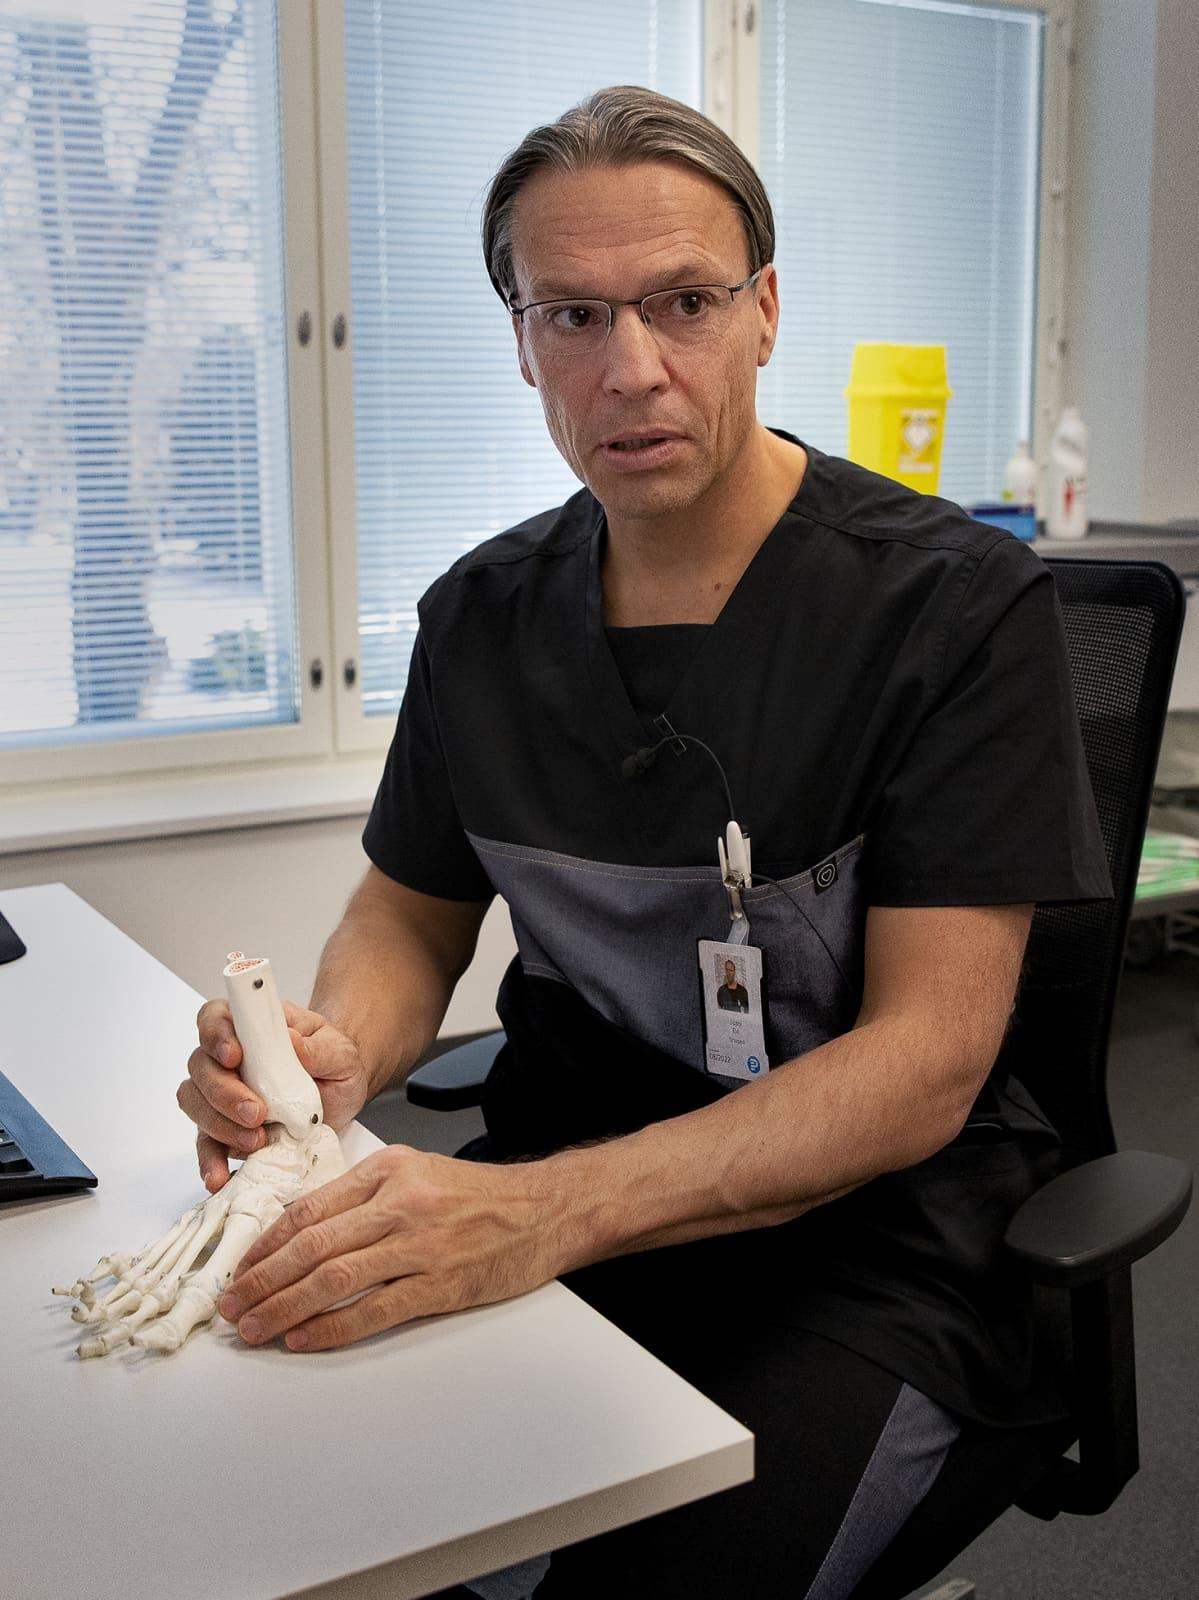 Ortopedi Jussi Elo esittelee jalkaterän luurankoa.